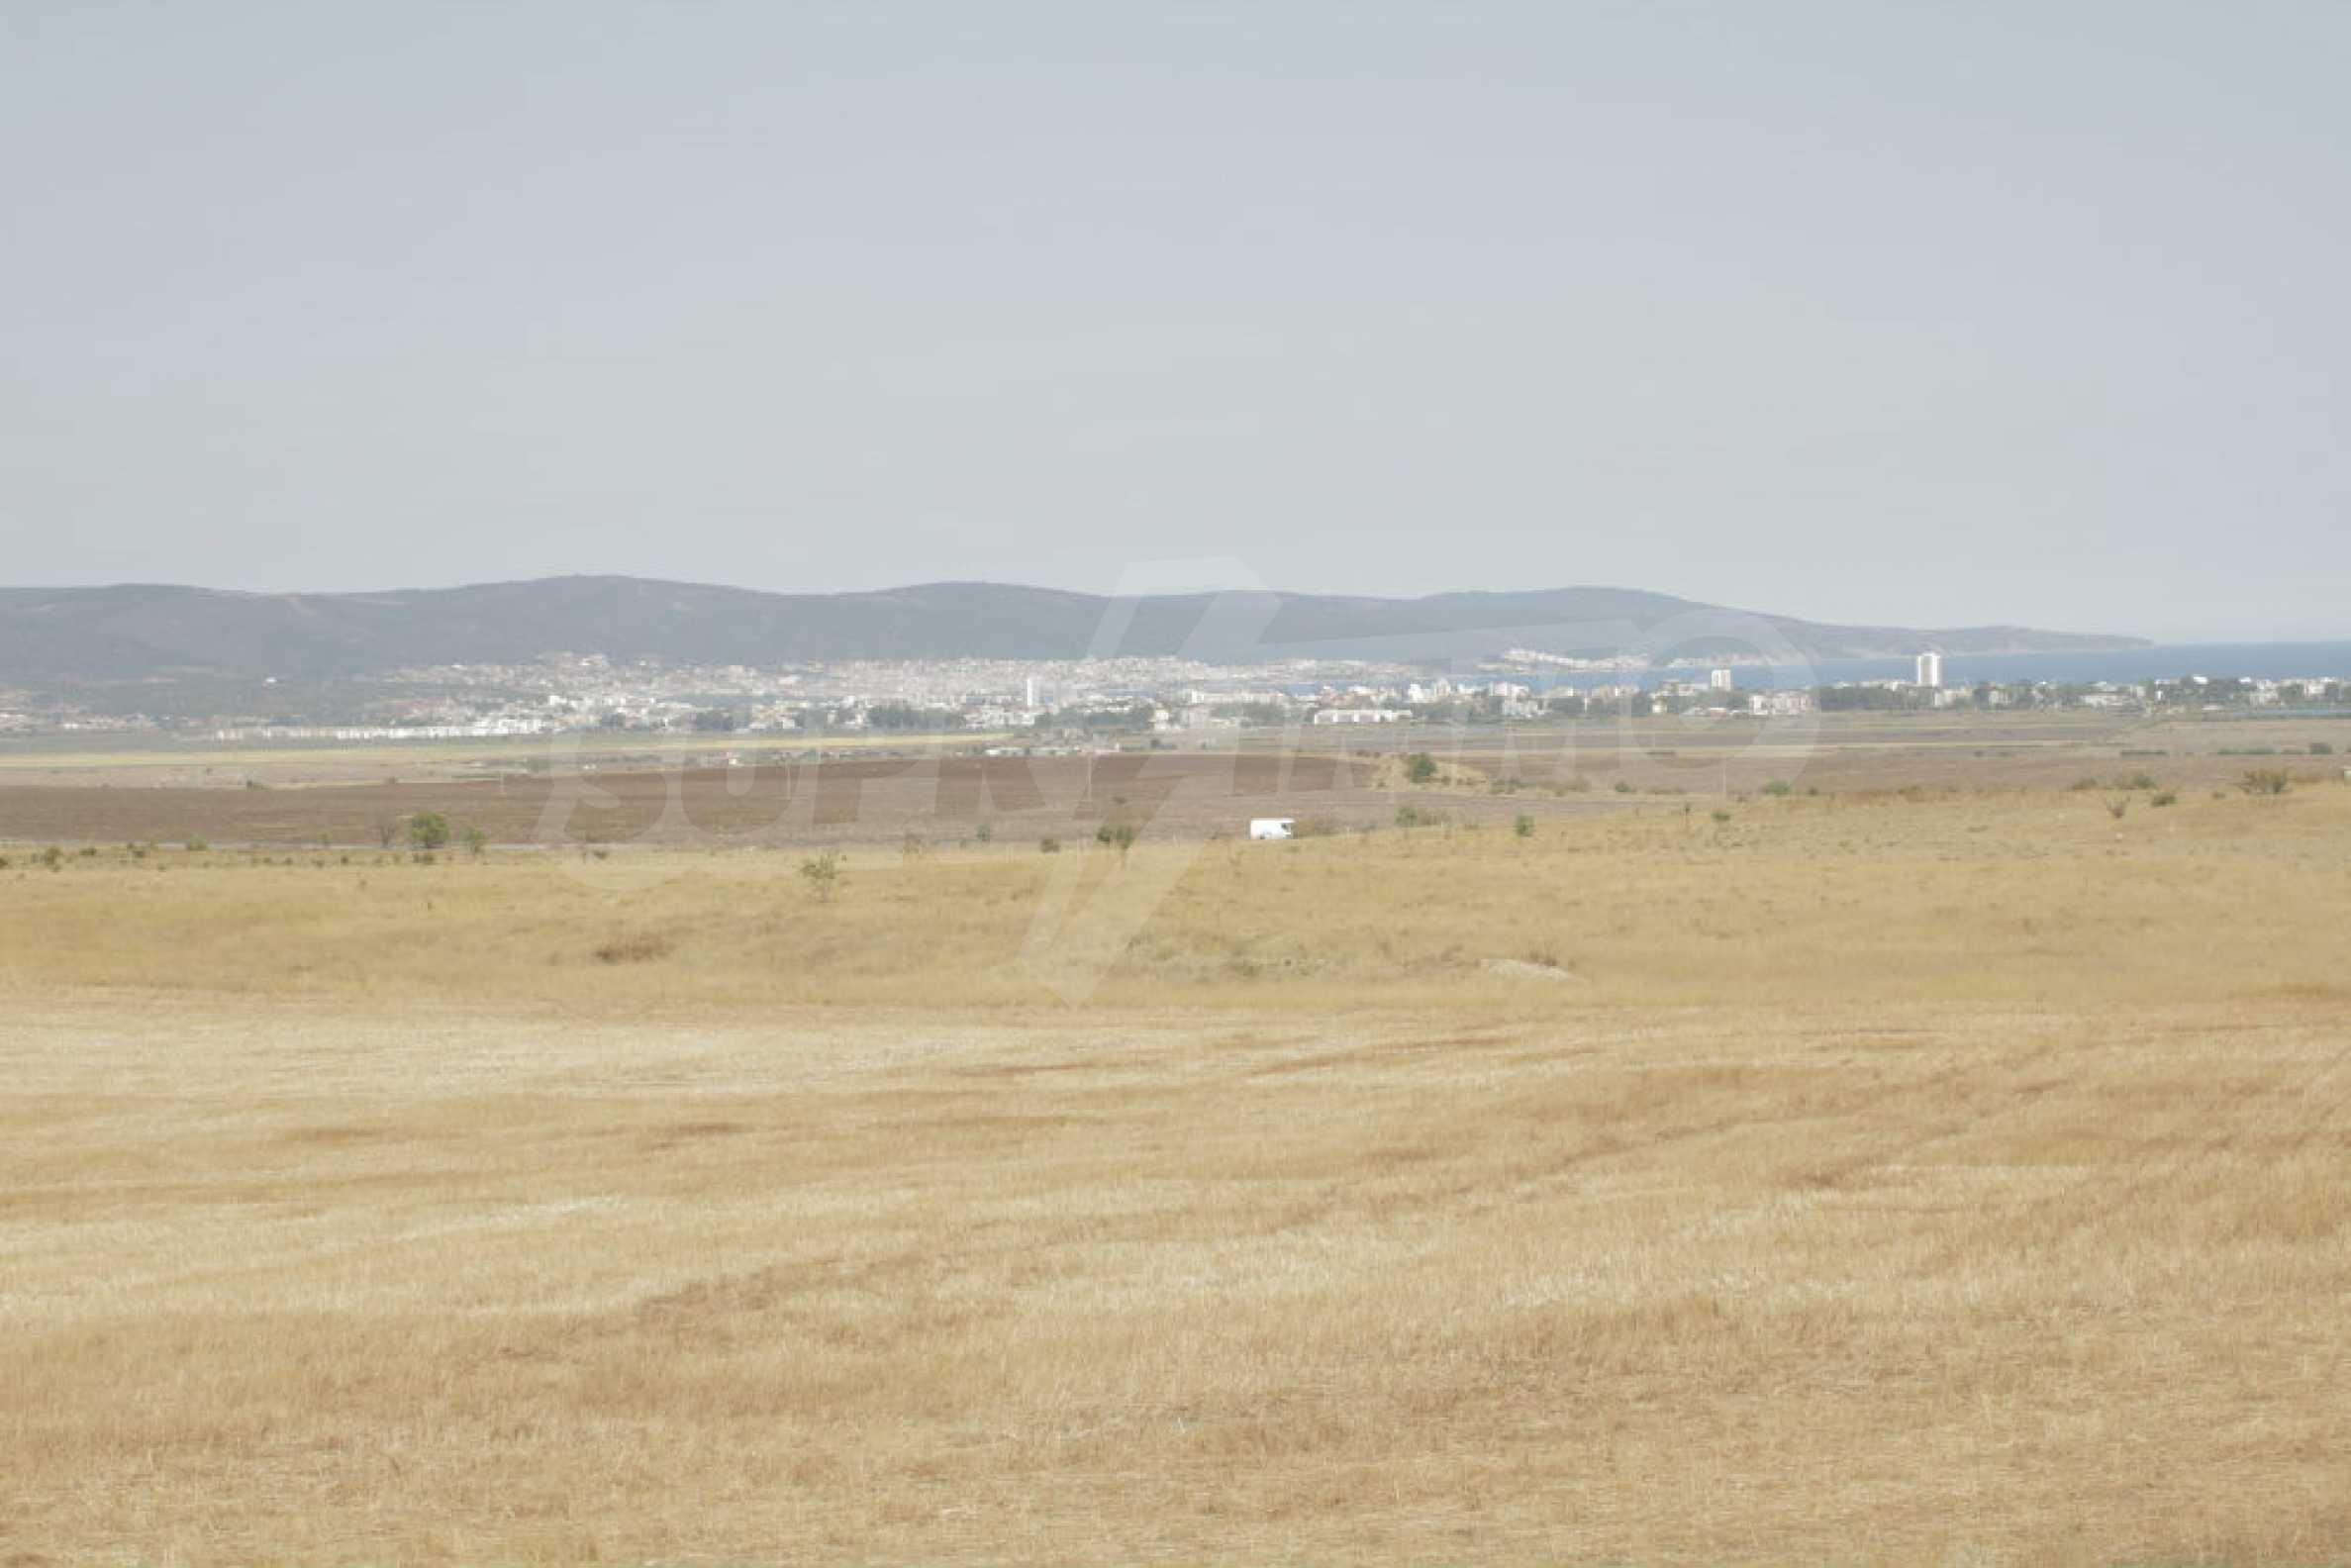 Attraktives Grundstück für Investieren in der Nähe des historischen Komplexes Aheloy 917 und Sonnenstrand, bei Tankowo und Aheloy 38